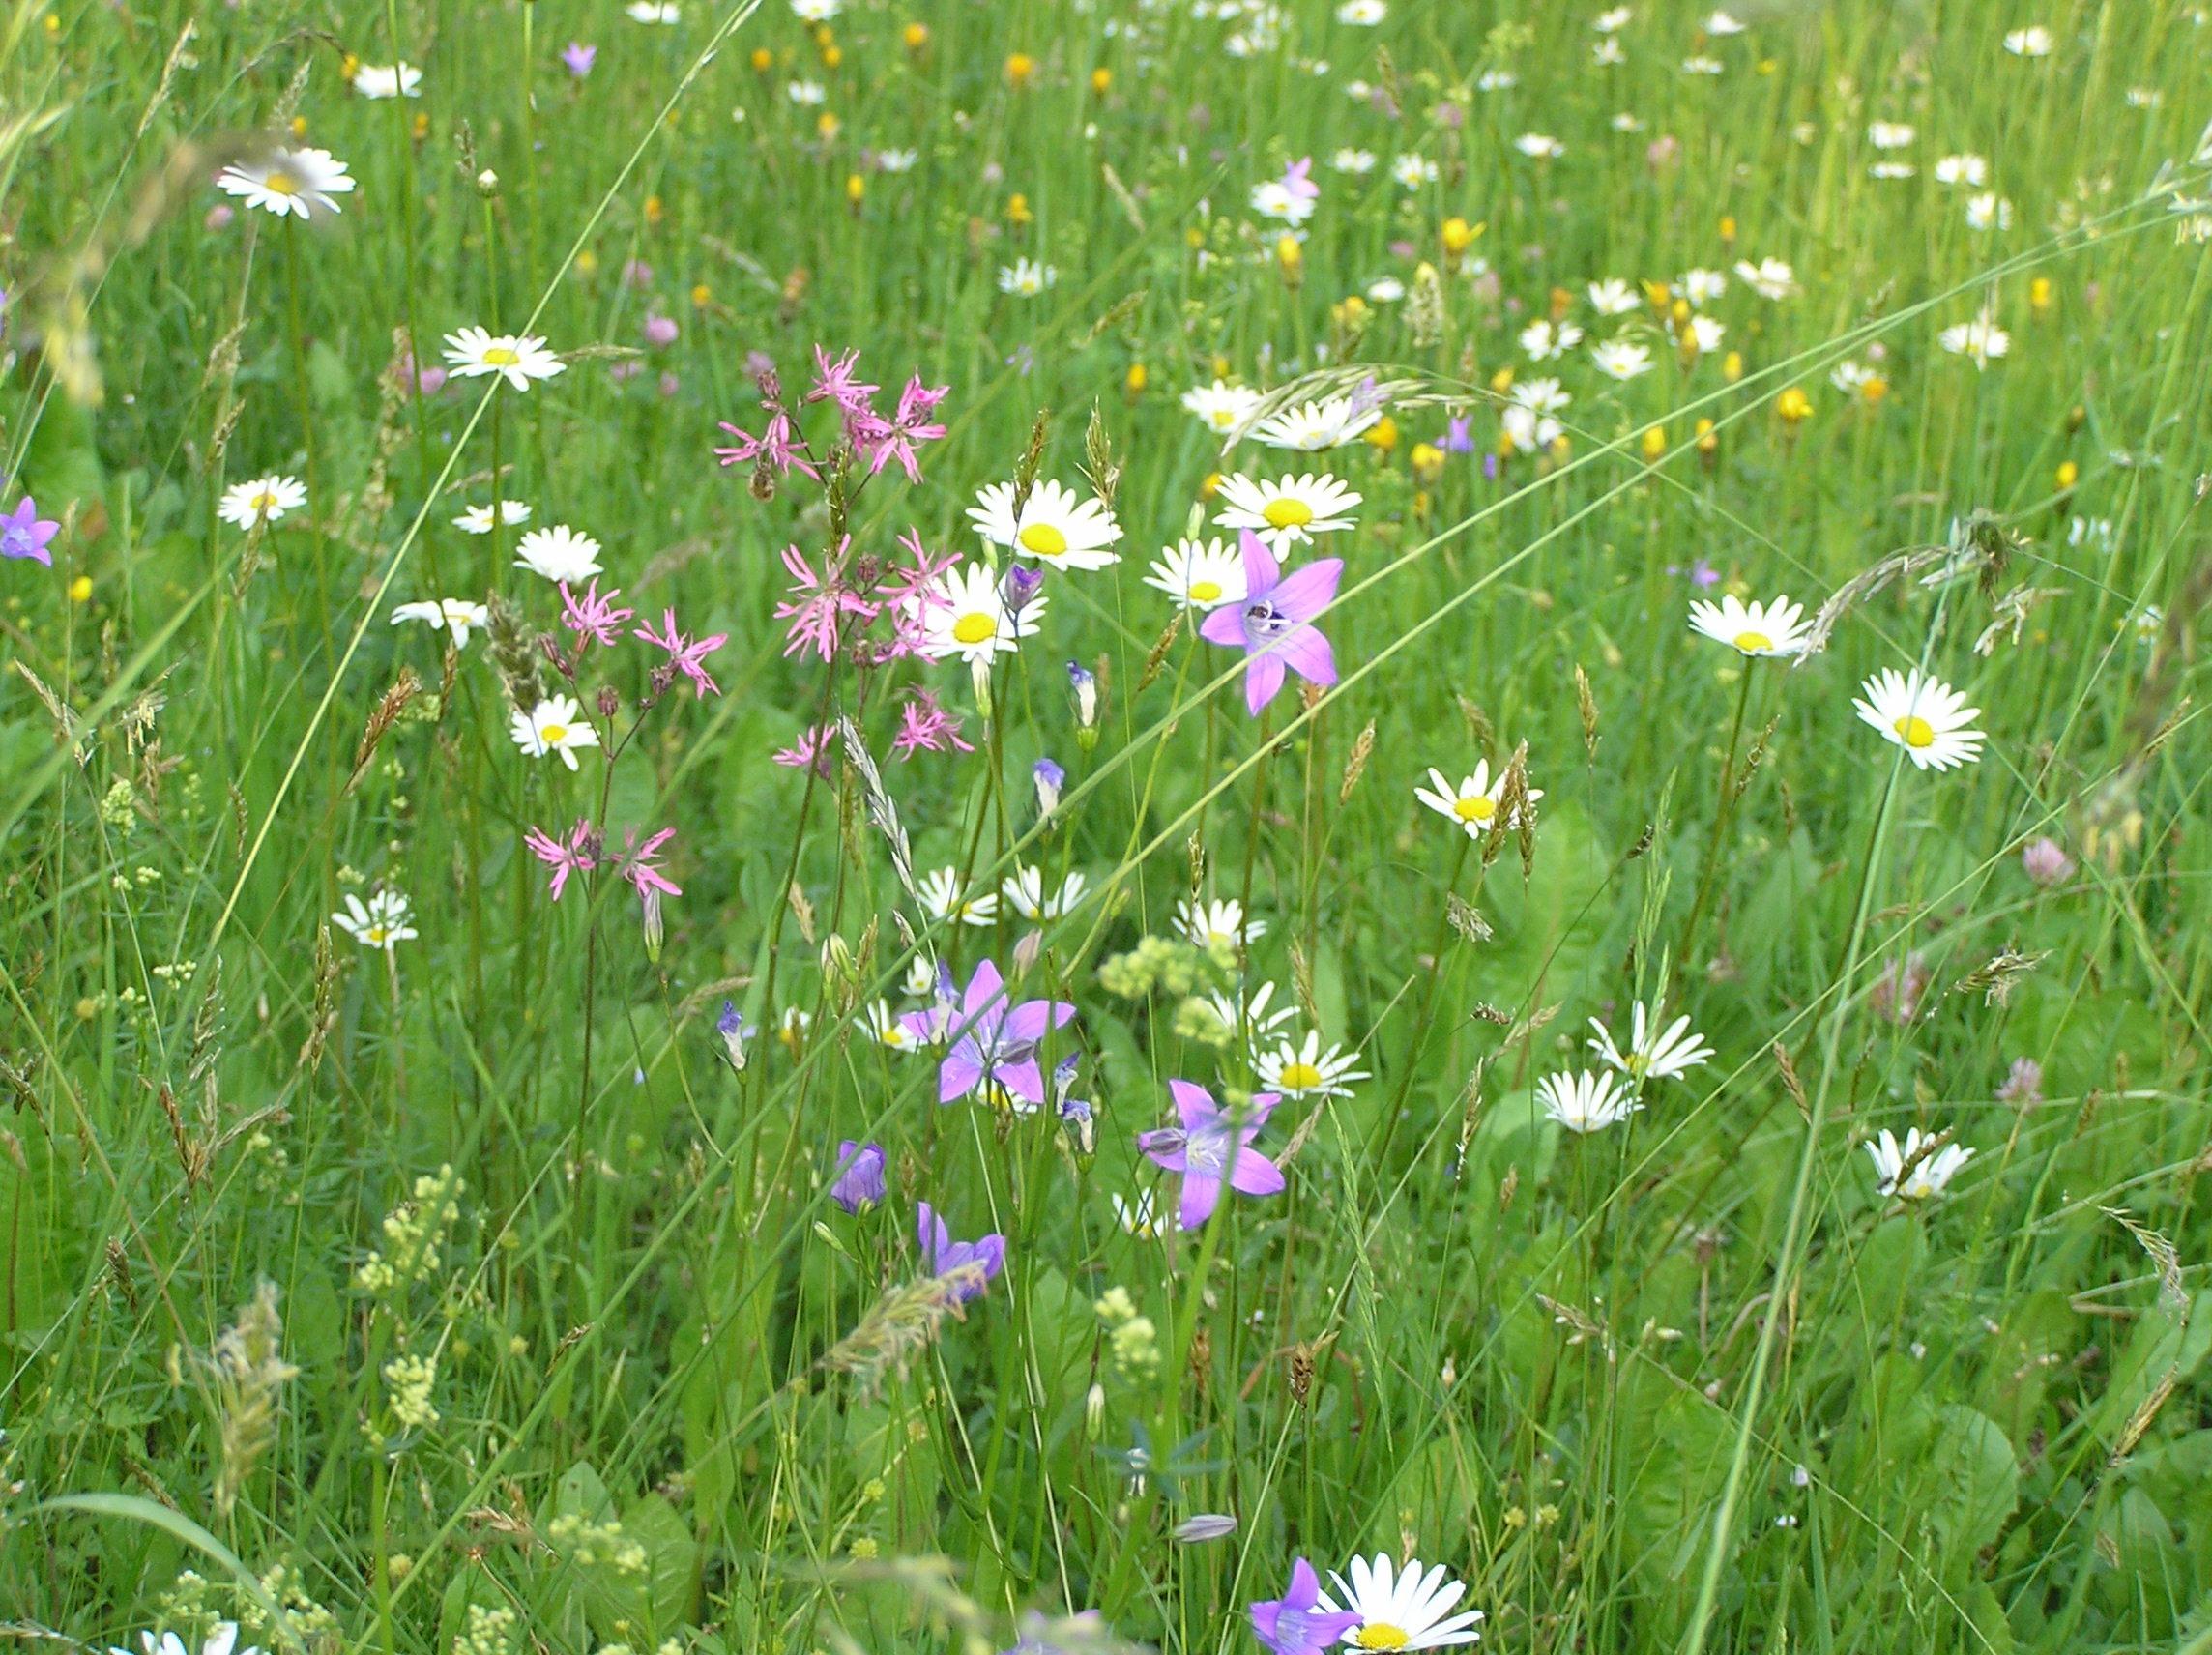 цветущие травы луговые моск обл фото название всех тортов, которые